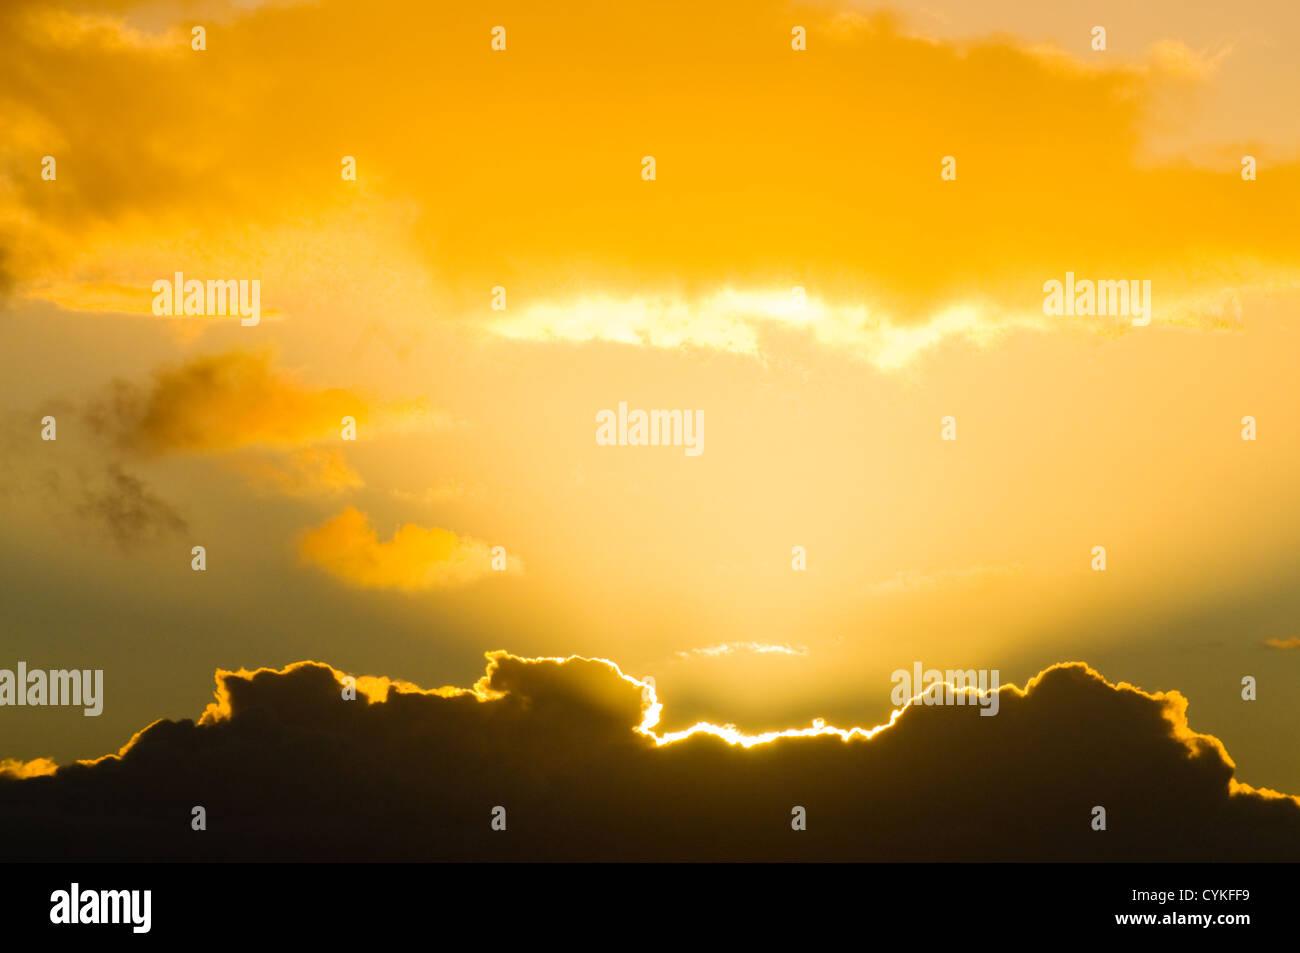 Bella Luce Raggiante da dietro il cloud creando un rivestimento in argento Immagini Stock